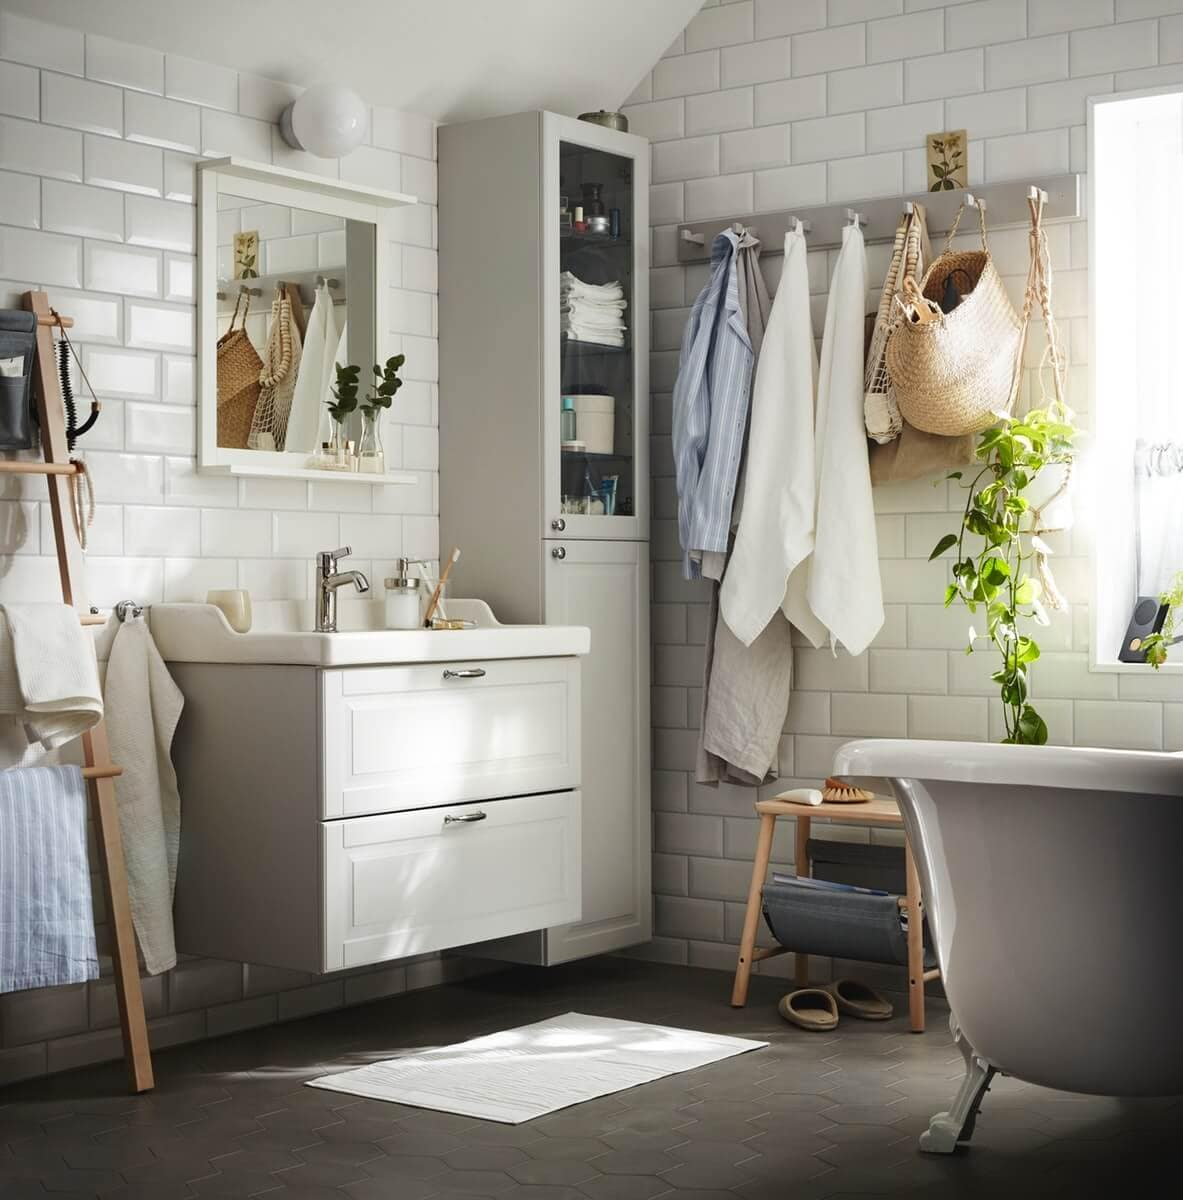 Ikea Bathroom